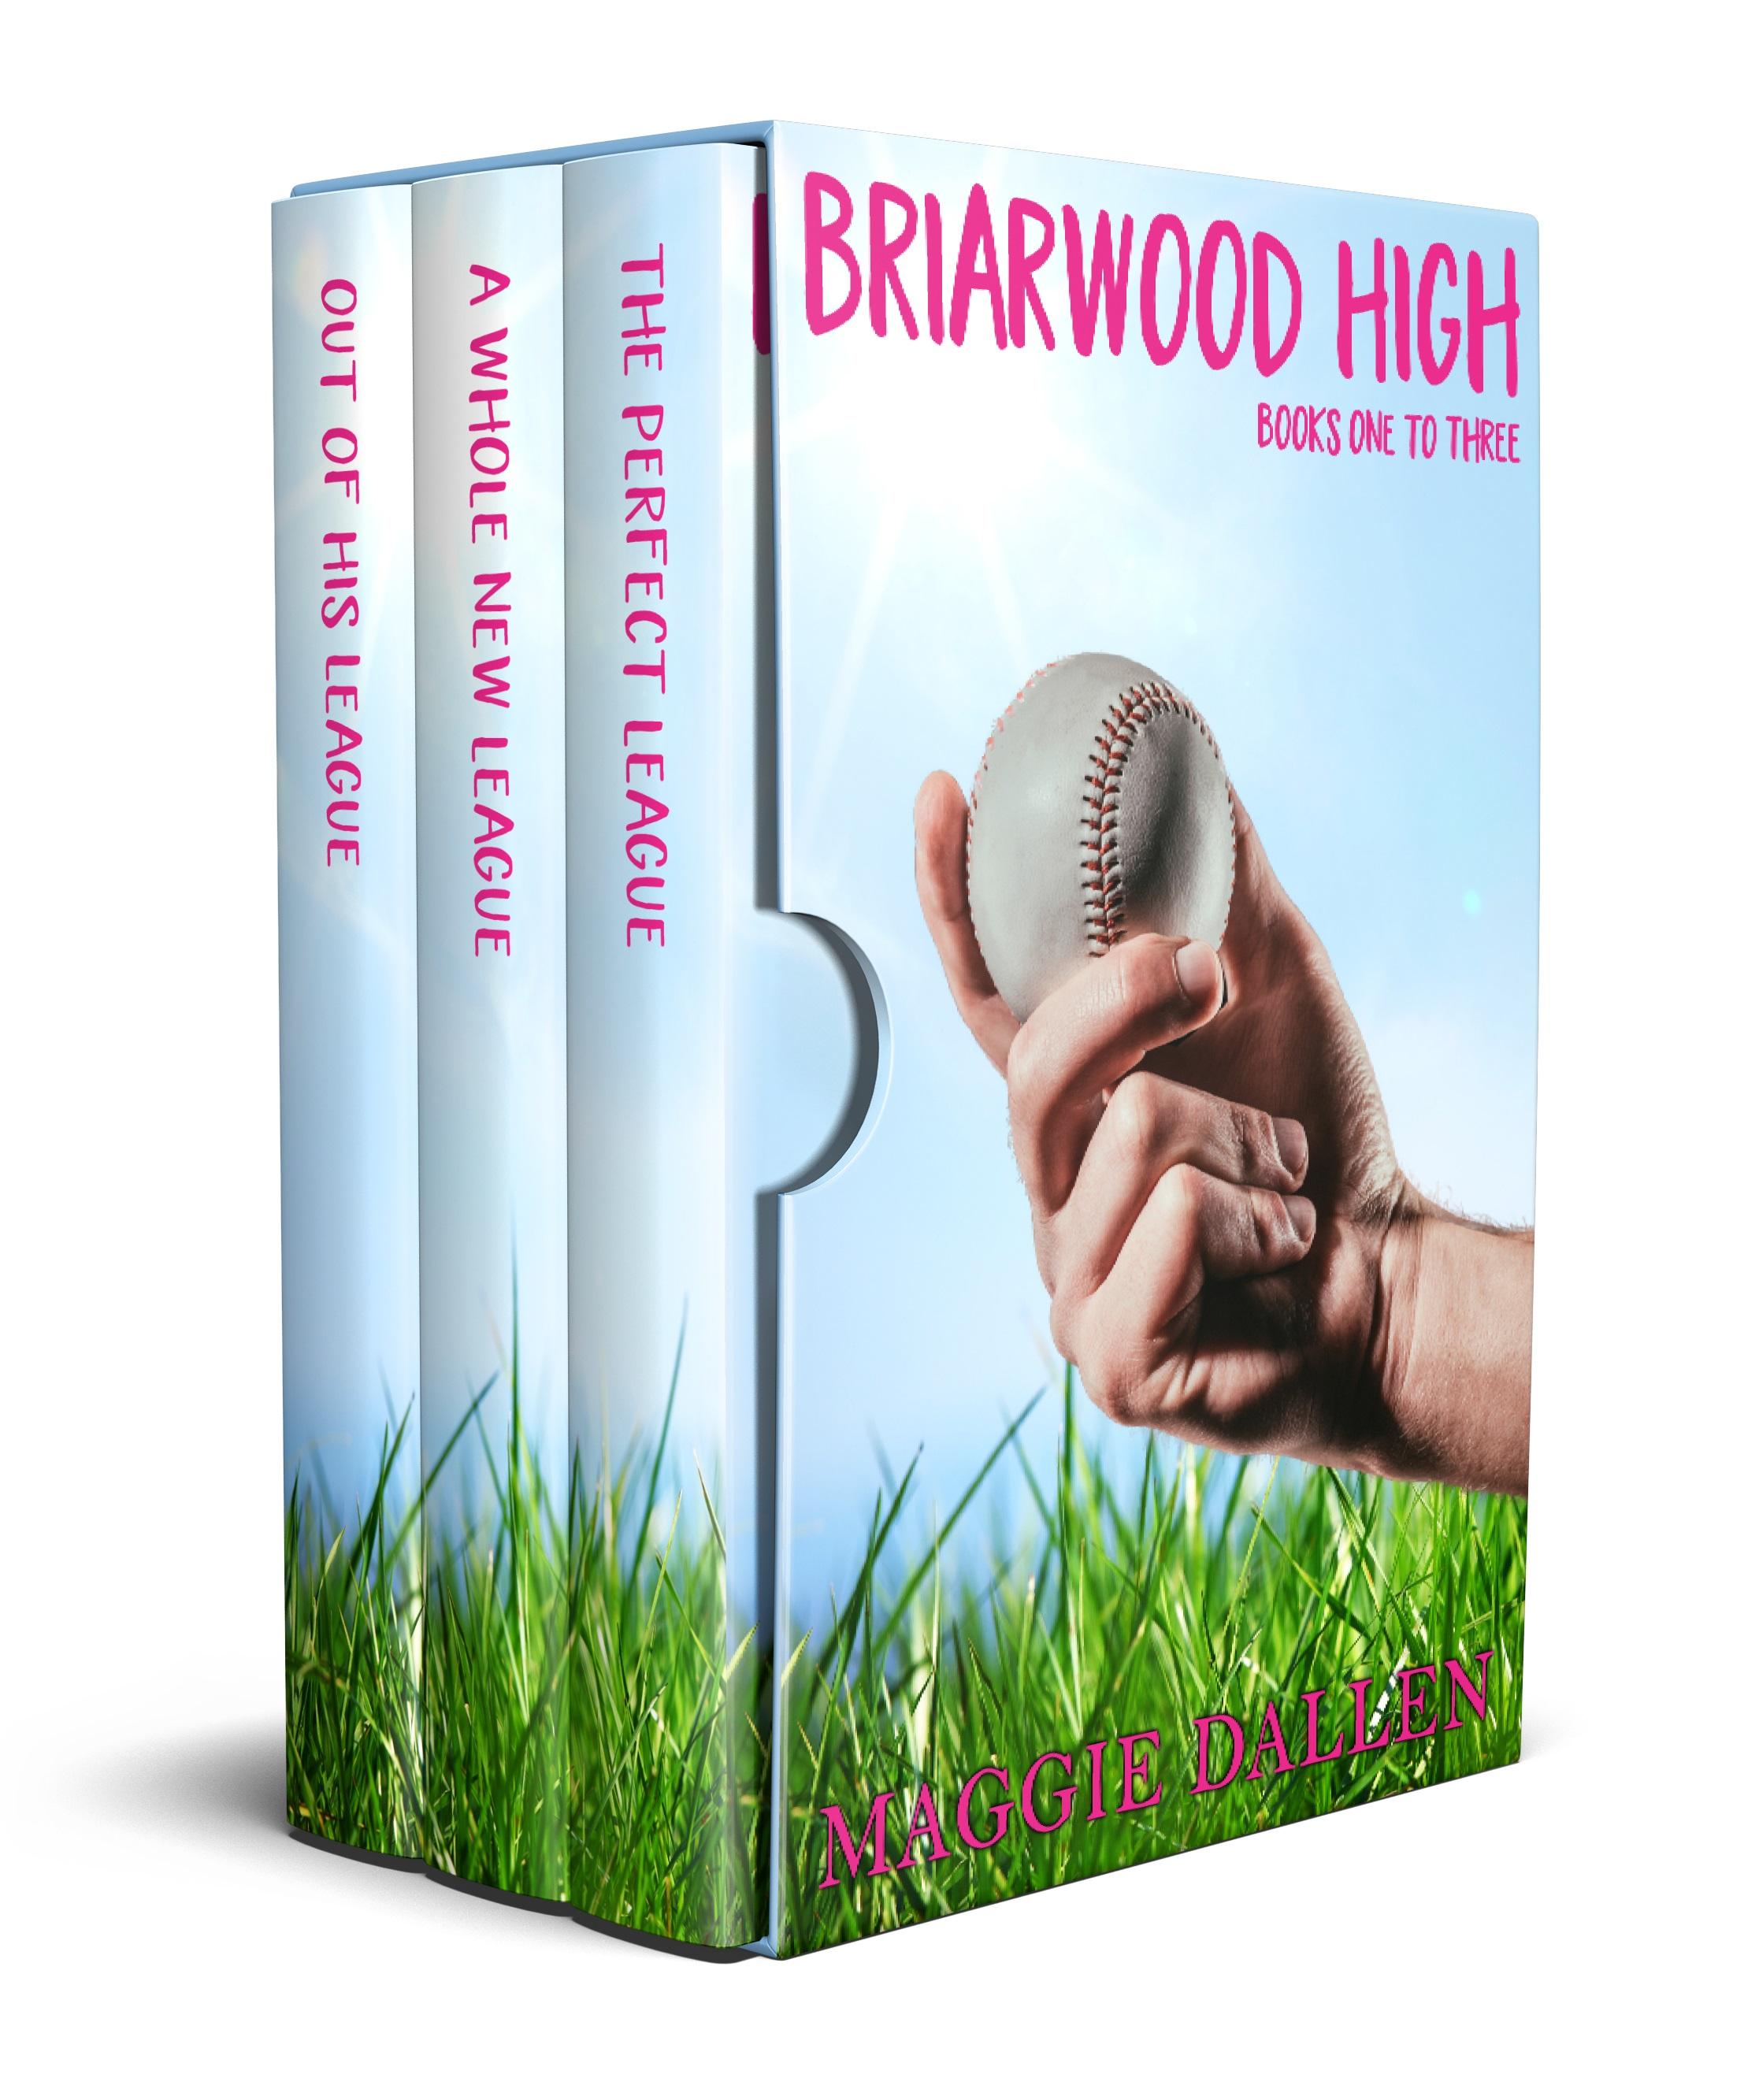 Briarwood High_boxset_3D